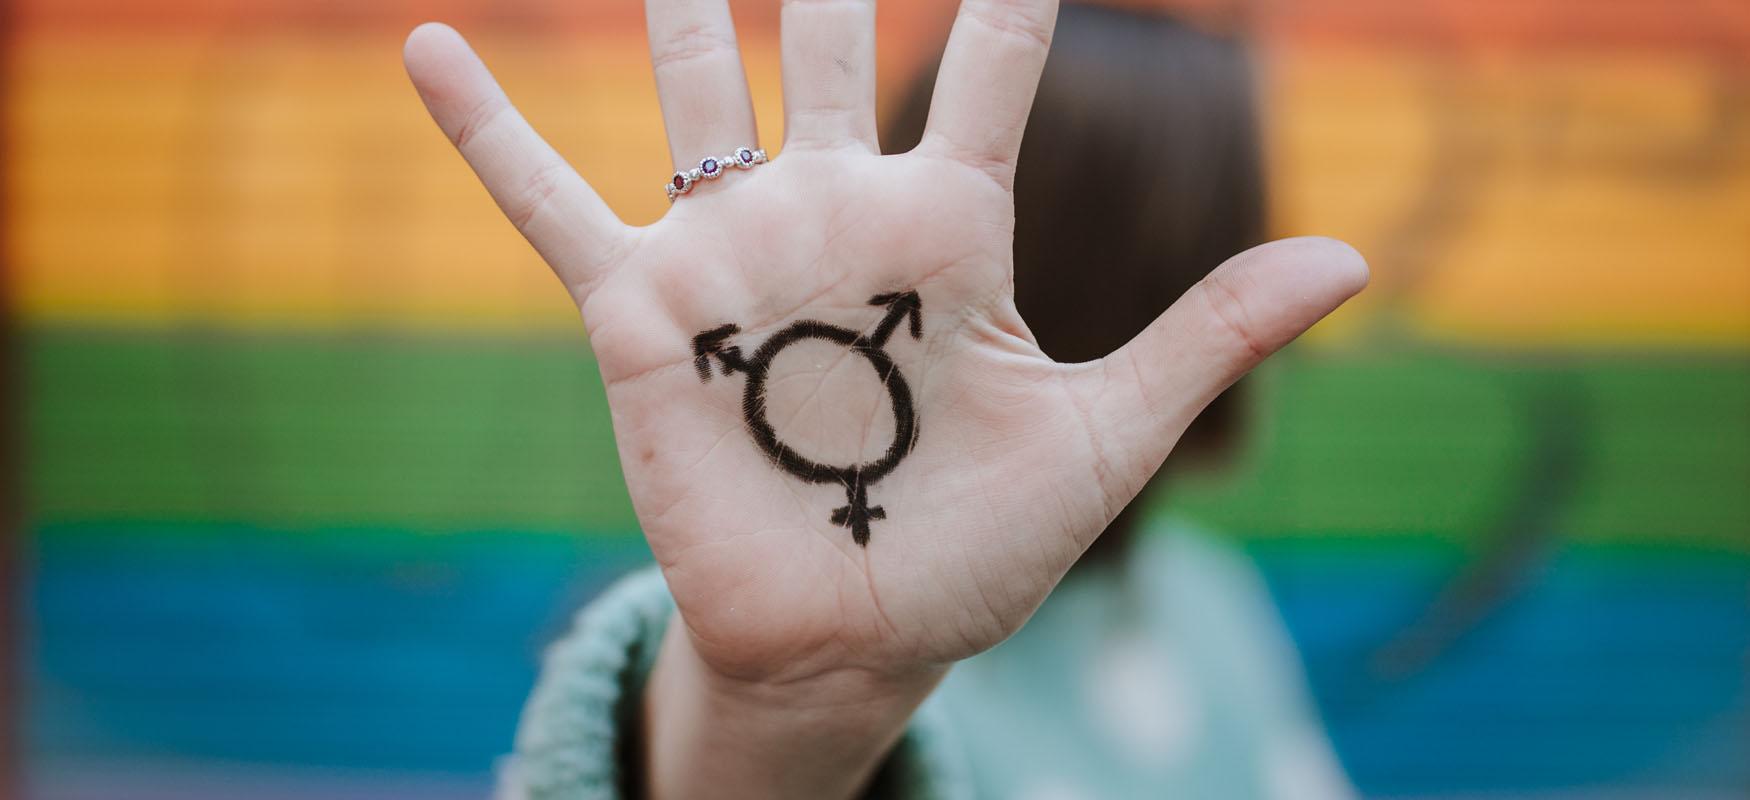 Medycyna estetyczna dla osób transseksualnych